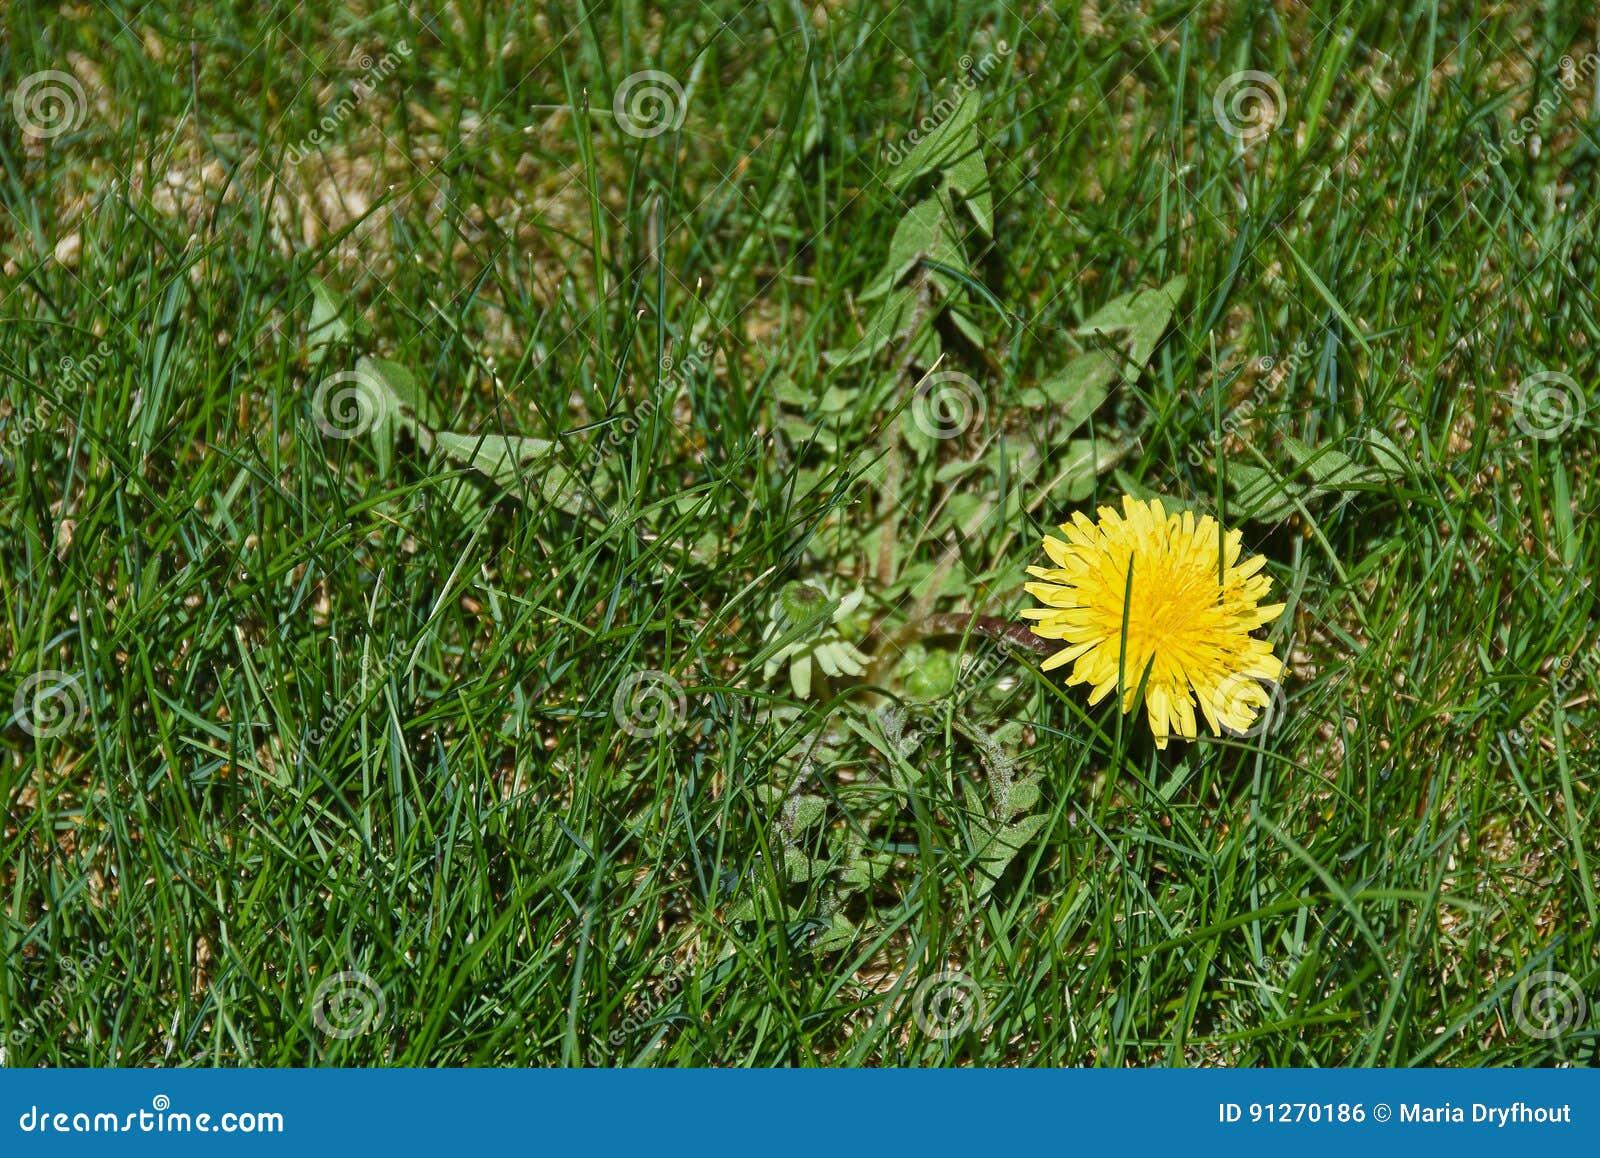 mauvaise herbe de pissenlit dans la pelouse photo stock. Black Bedroom Furniture Sets. Home Design Ideas